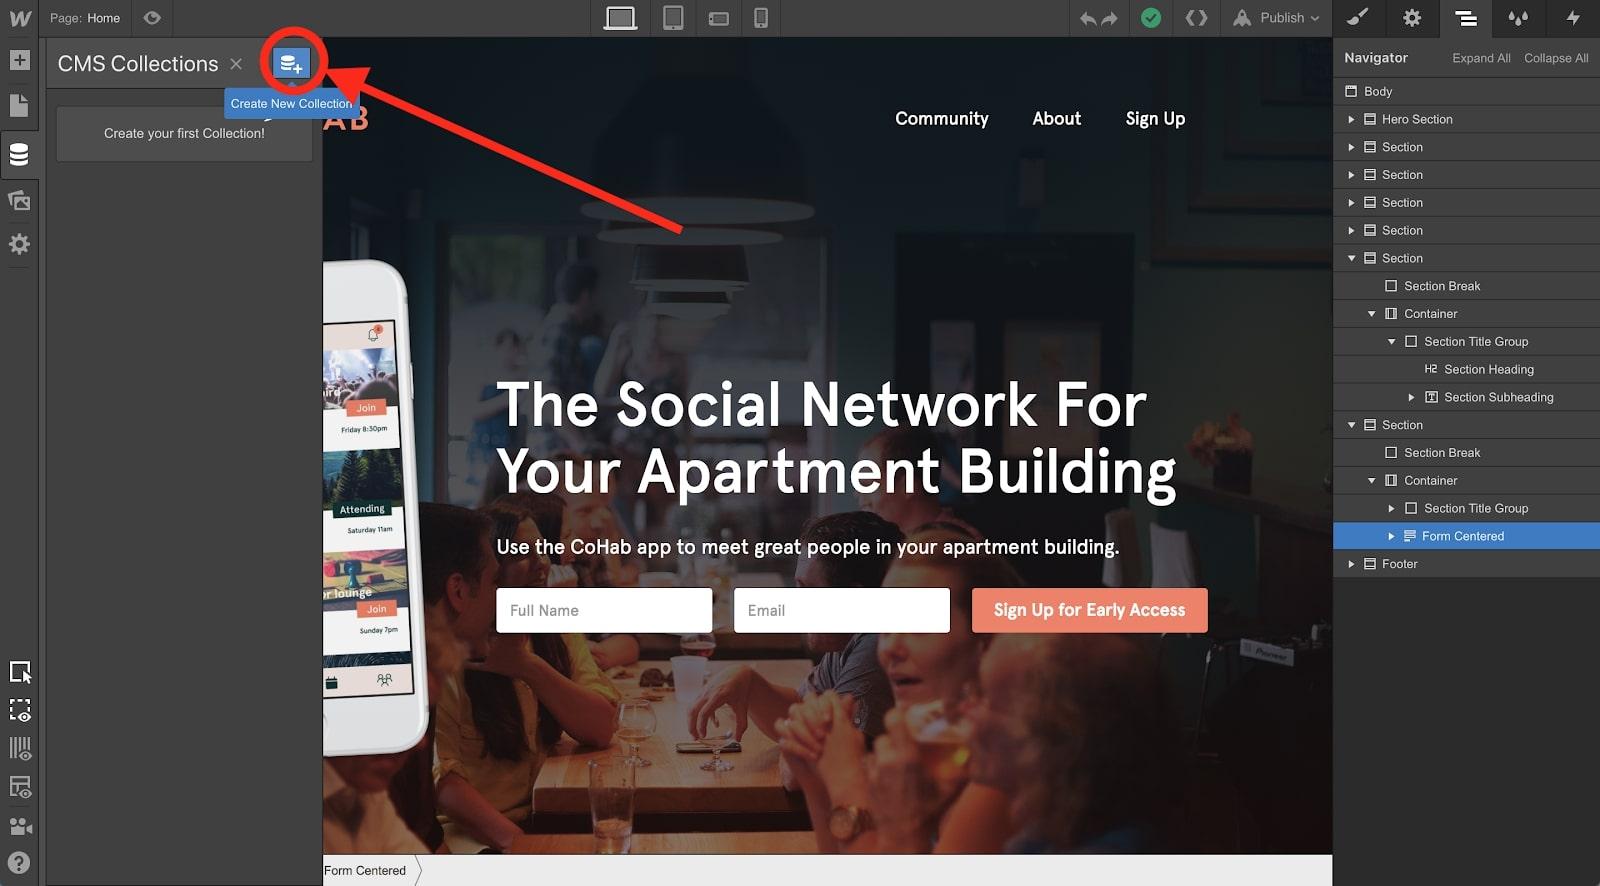 website design in webflow